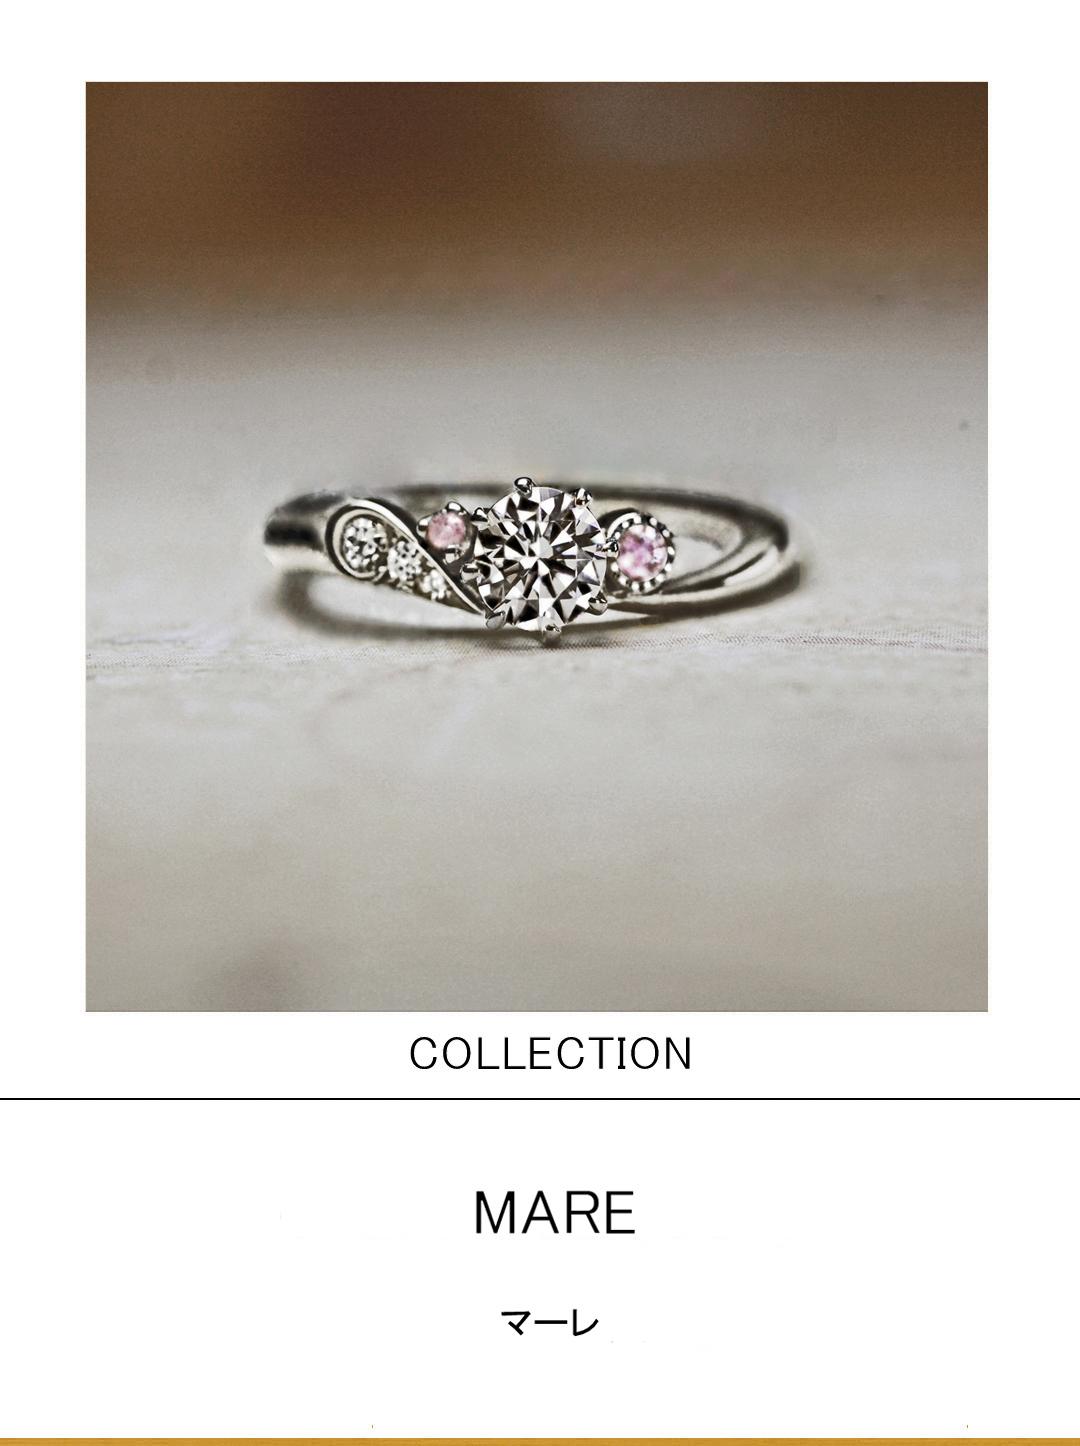 海の波をウェーブデザインで表現した婚約指輪コレクションのサムネイル